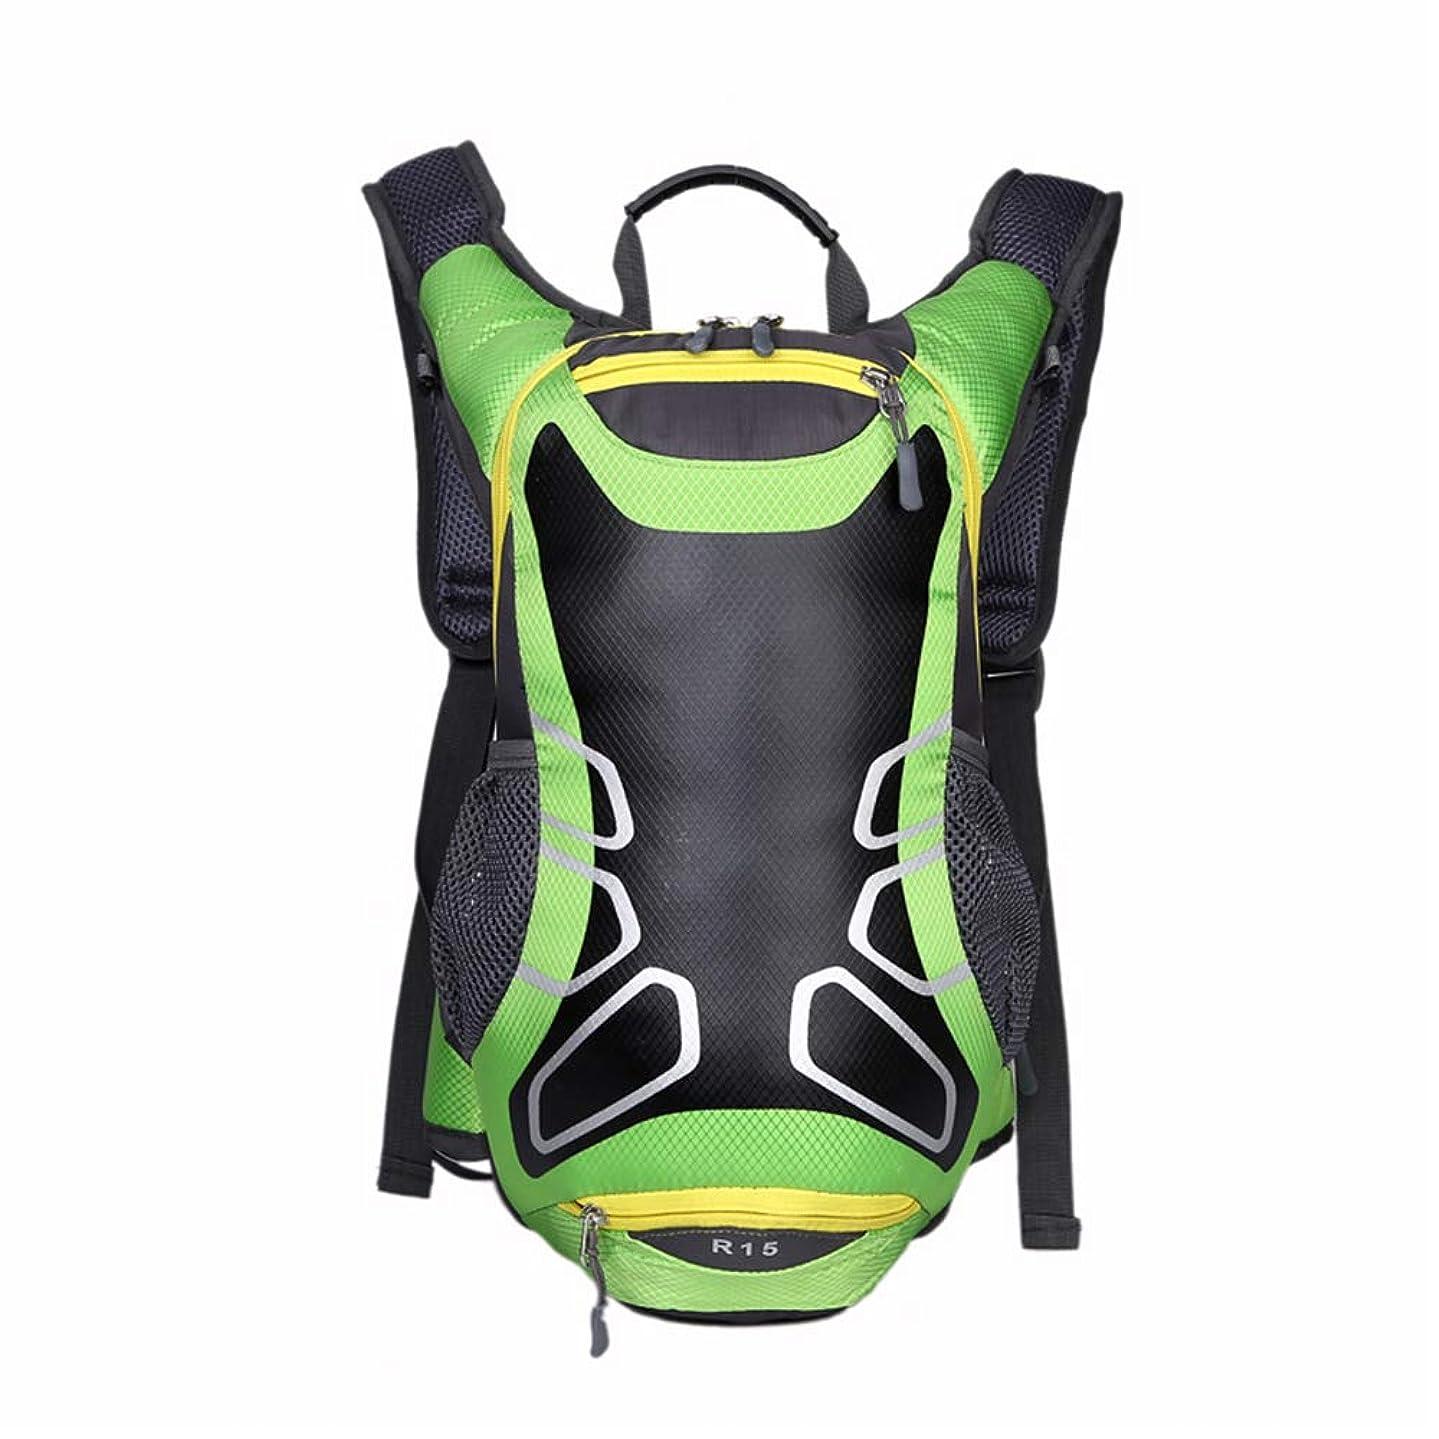 等々コマース隔離Kosei ランニングバッグ サイクリングバッグ 15L 防水 光反射 2Lハイドレーション収納可 超軽量 通気 アウトドア 登山 レース 遠足 マラソン用